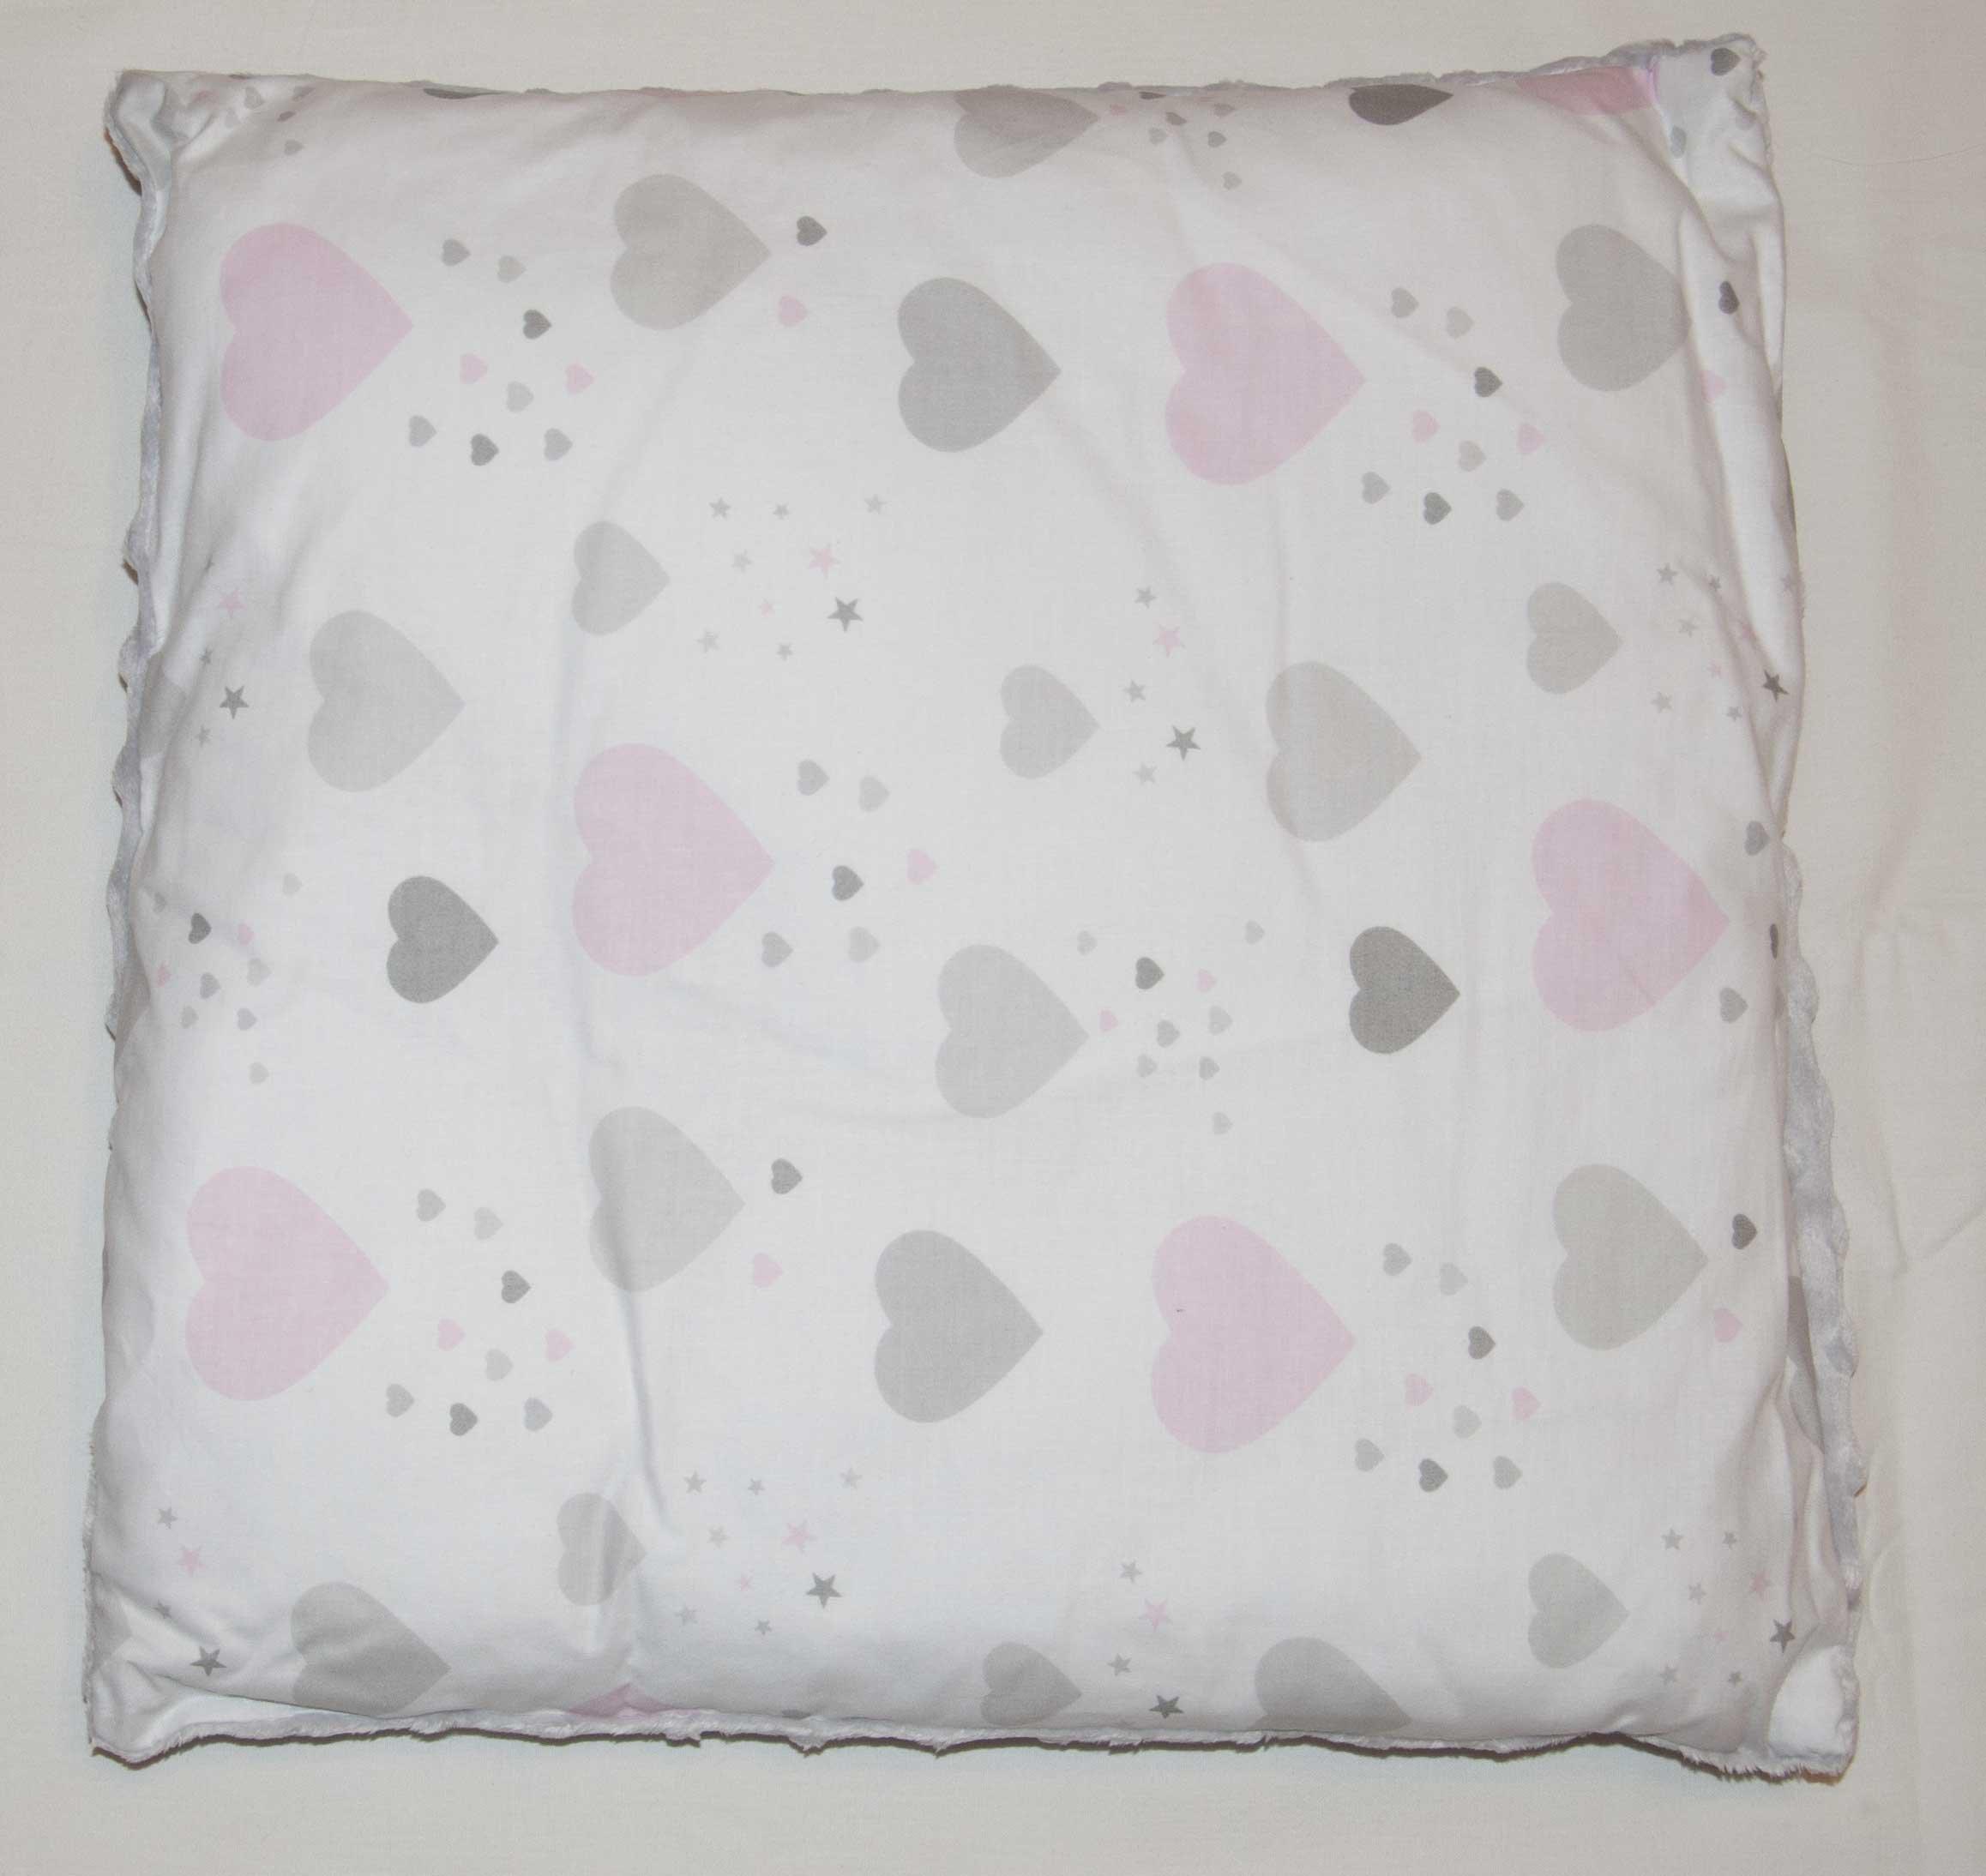 Dìtský polštáø bavlna + minky 40x40 cm srdce rùžová - zvìtšit obrázek